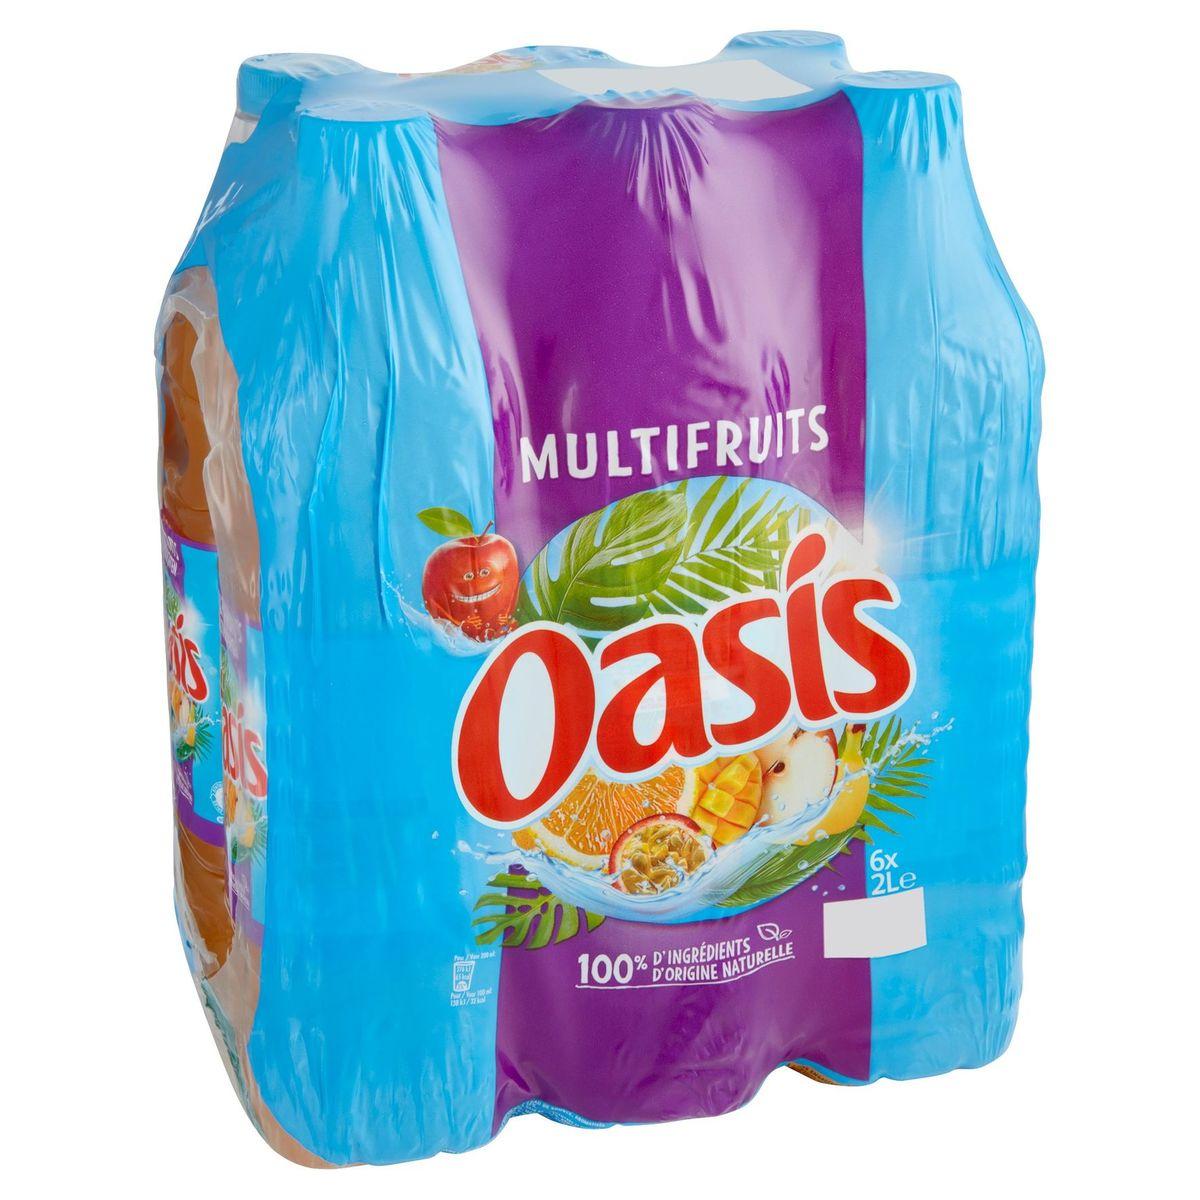 Oasis Multivruchten Family Pack 6 x 2 L